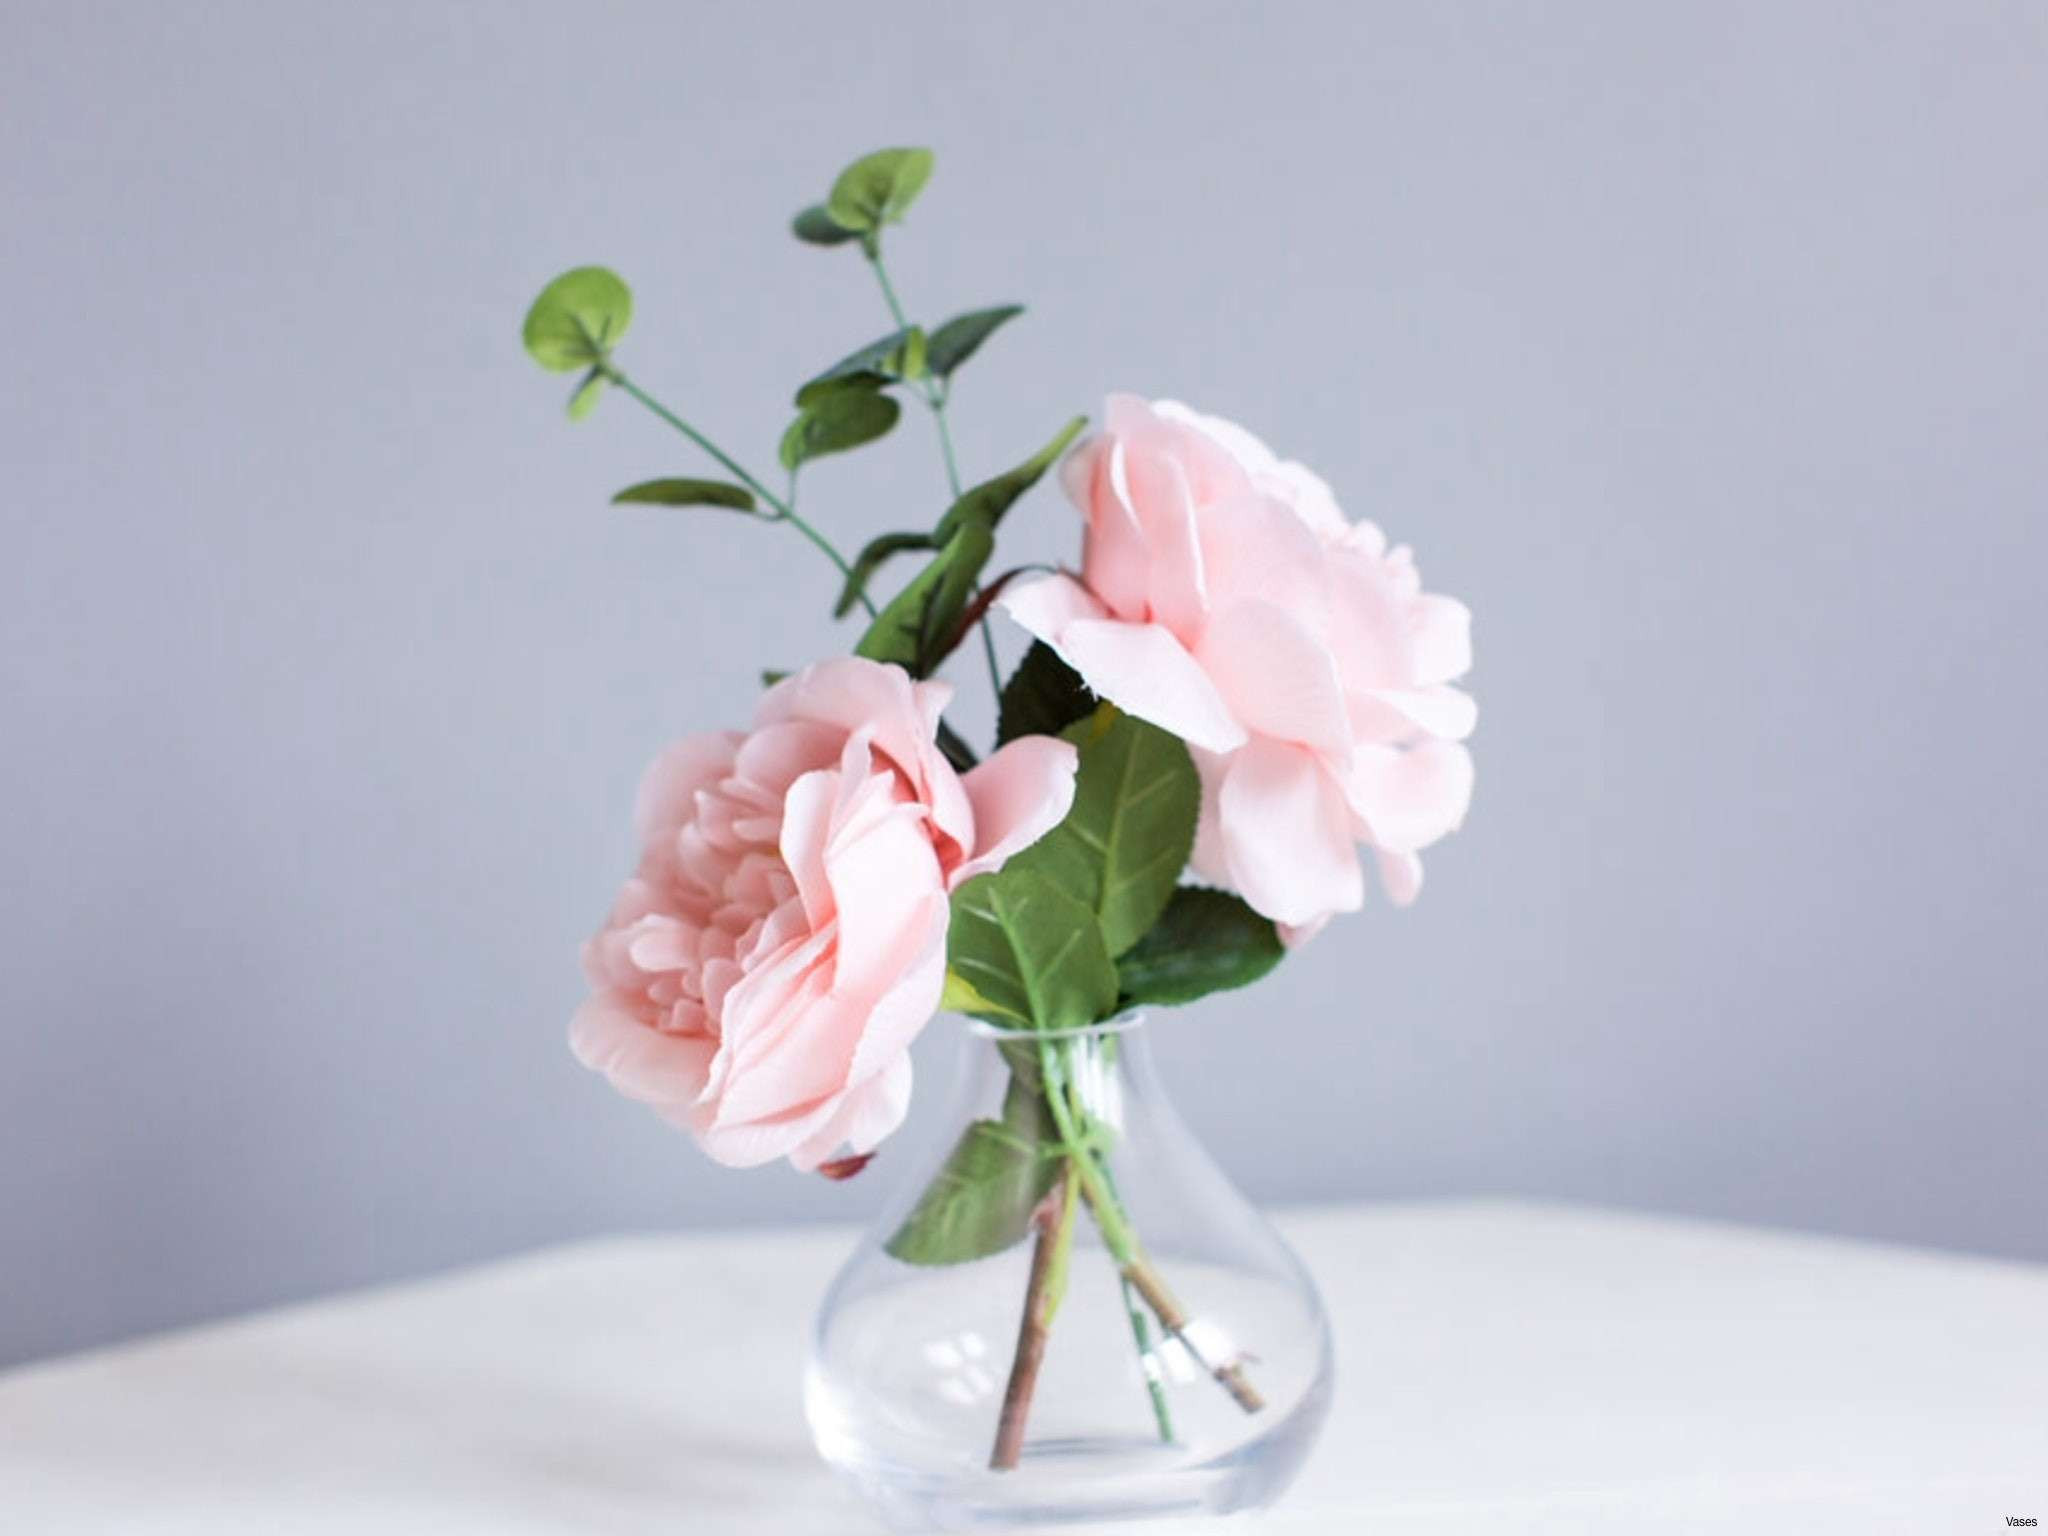 vase funeral home of lovely vase funeral home beginneryogaclassesnear me for h vases bud vase flower arrangements i 0d for inspiration design design funeral floral arrangements